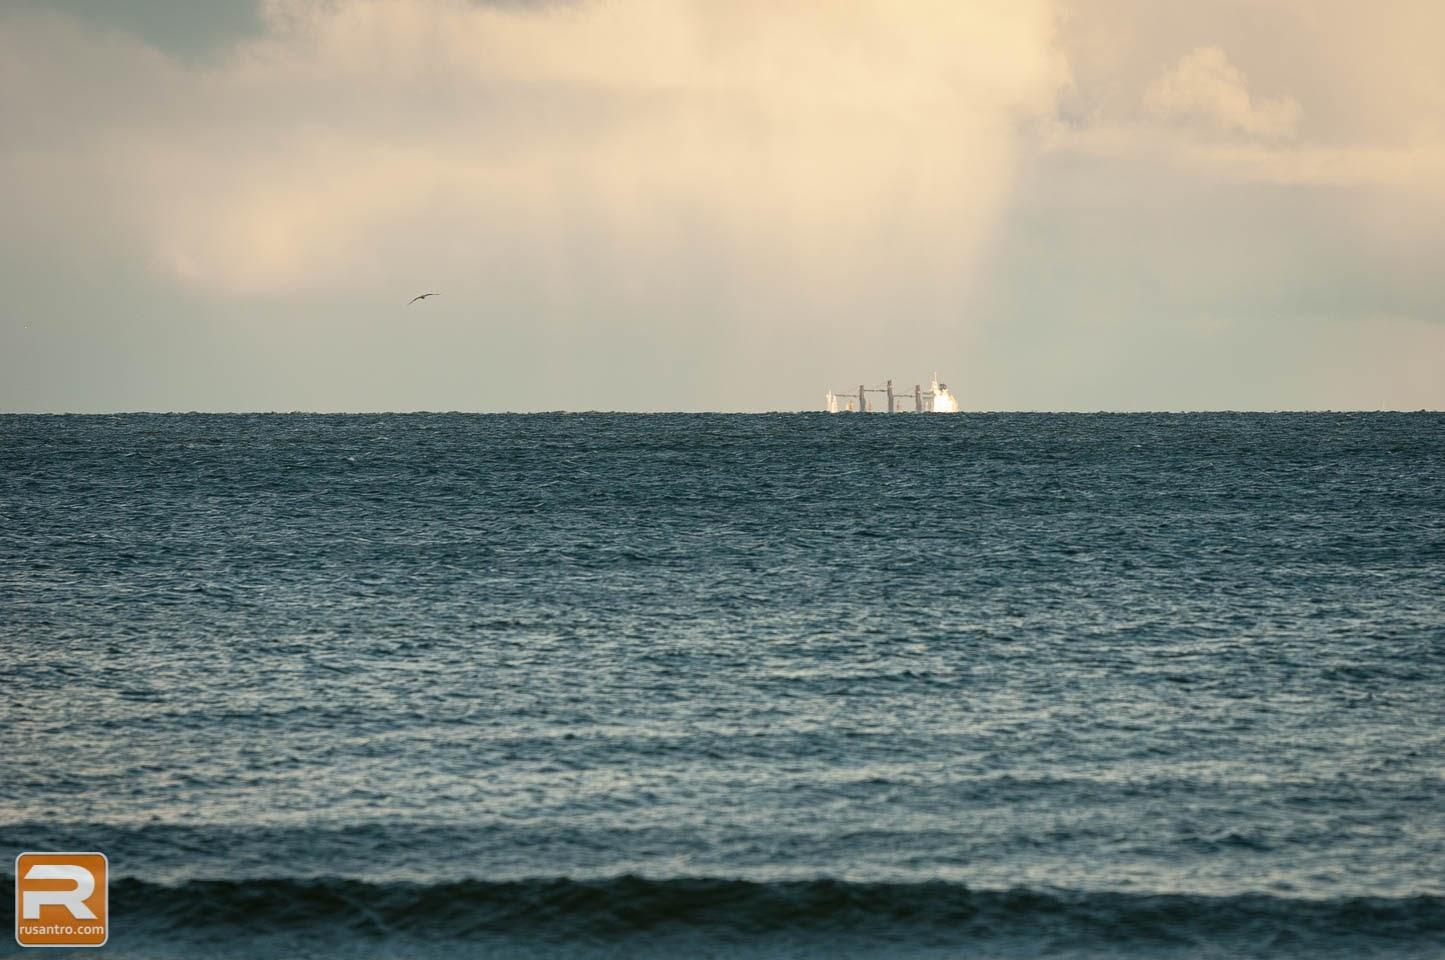 Kuģis aiz jūras horizonta